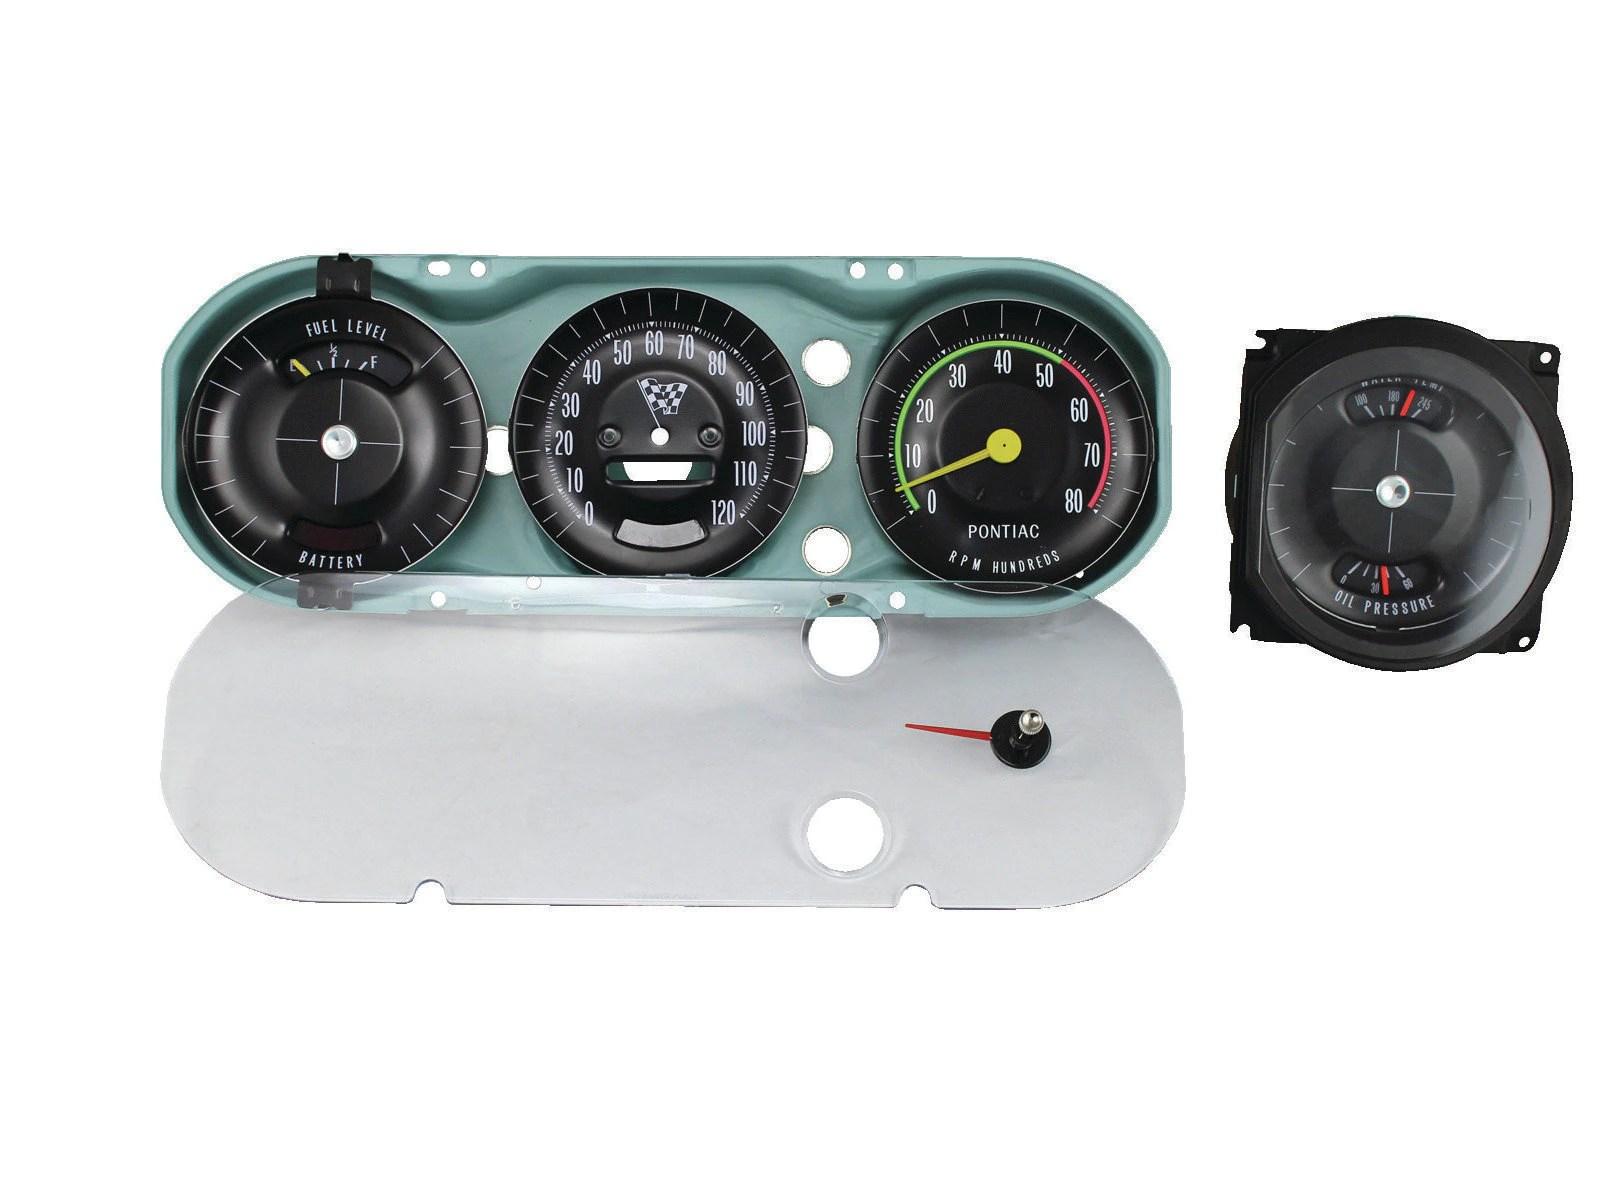 hight resolution of 1965 pontiac gto rally gauge wiring diagram wiring library 1965 gto rally gauges wiring diagram